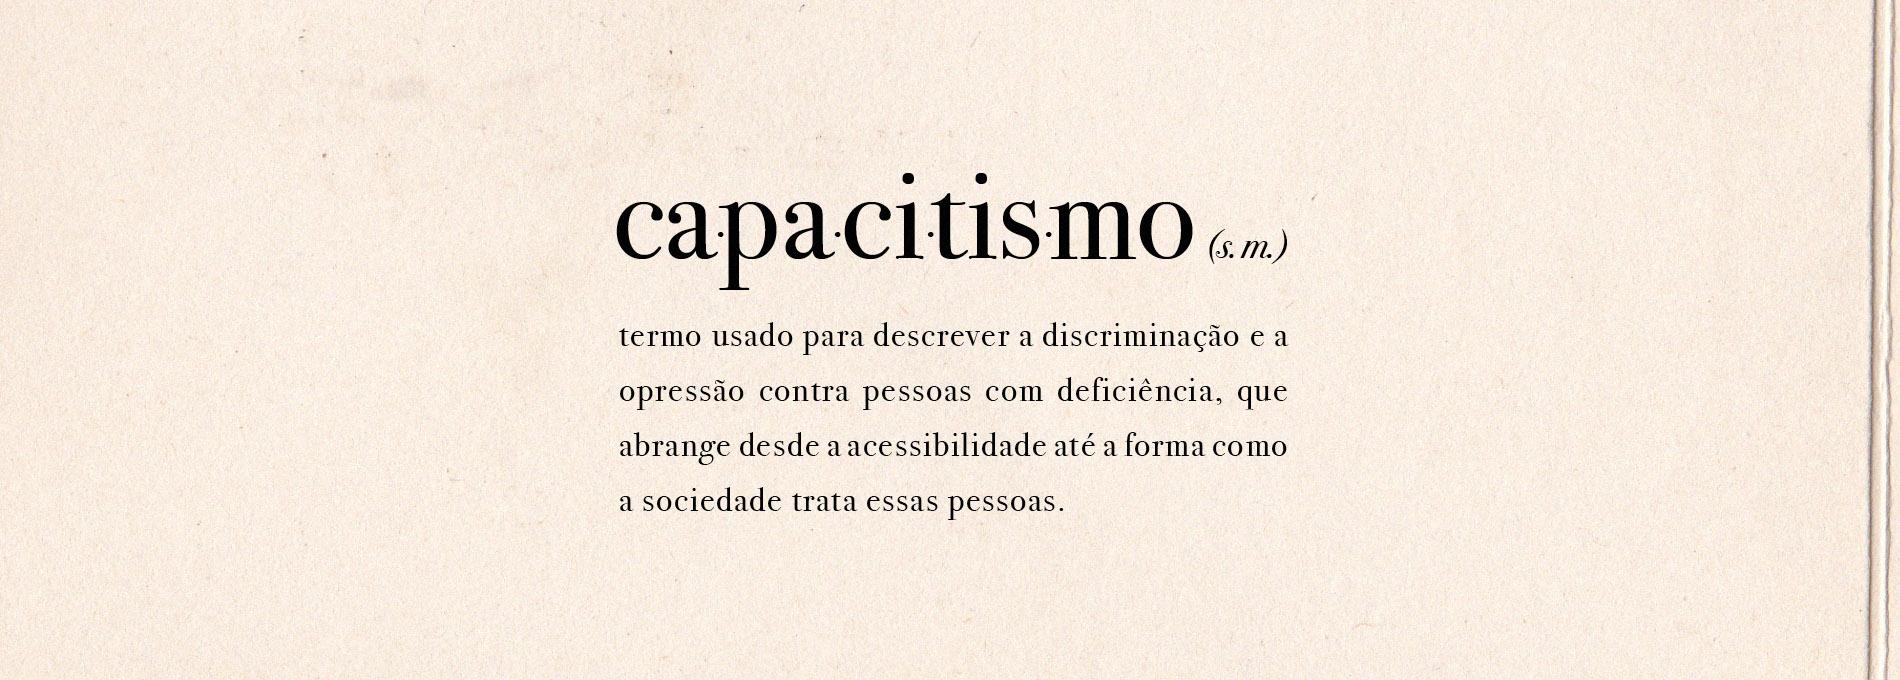 Definição de capacitismo